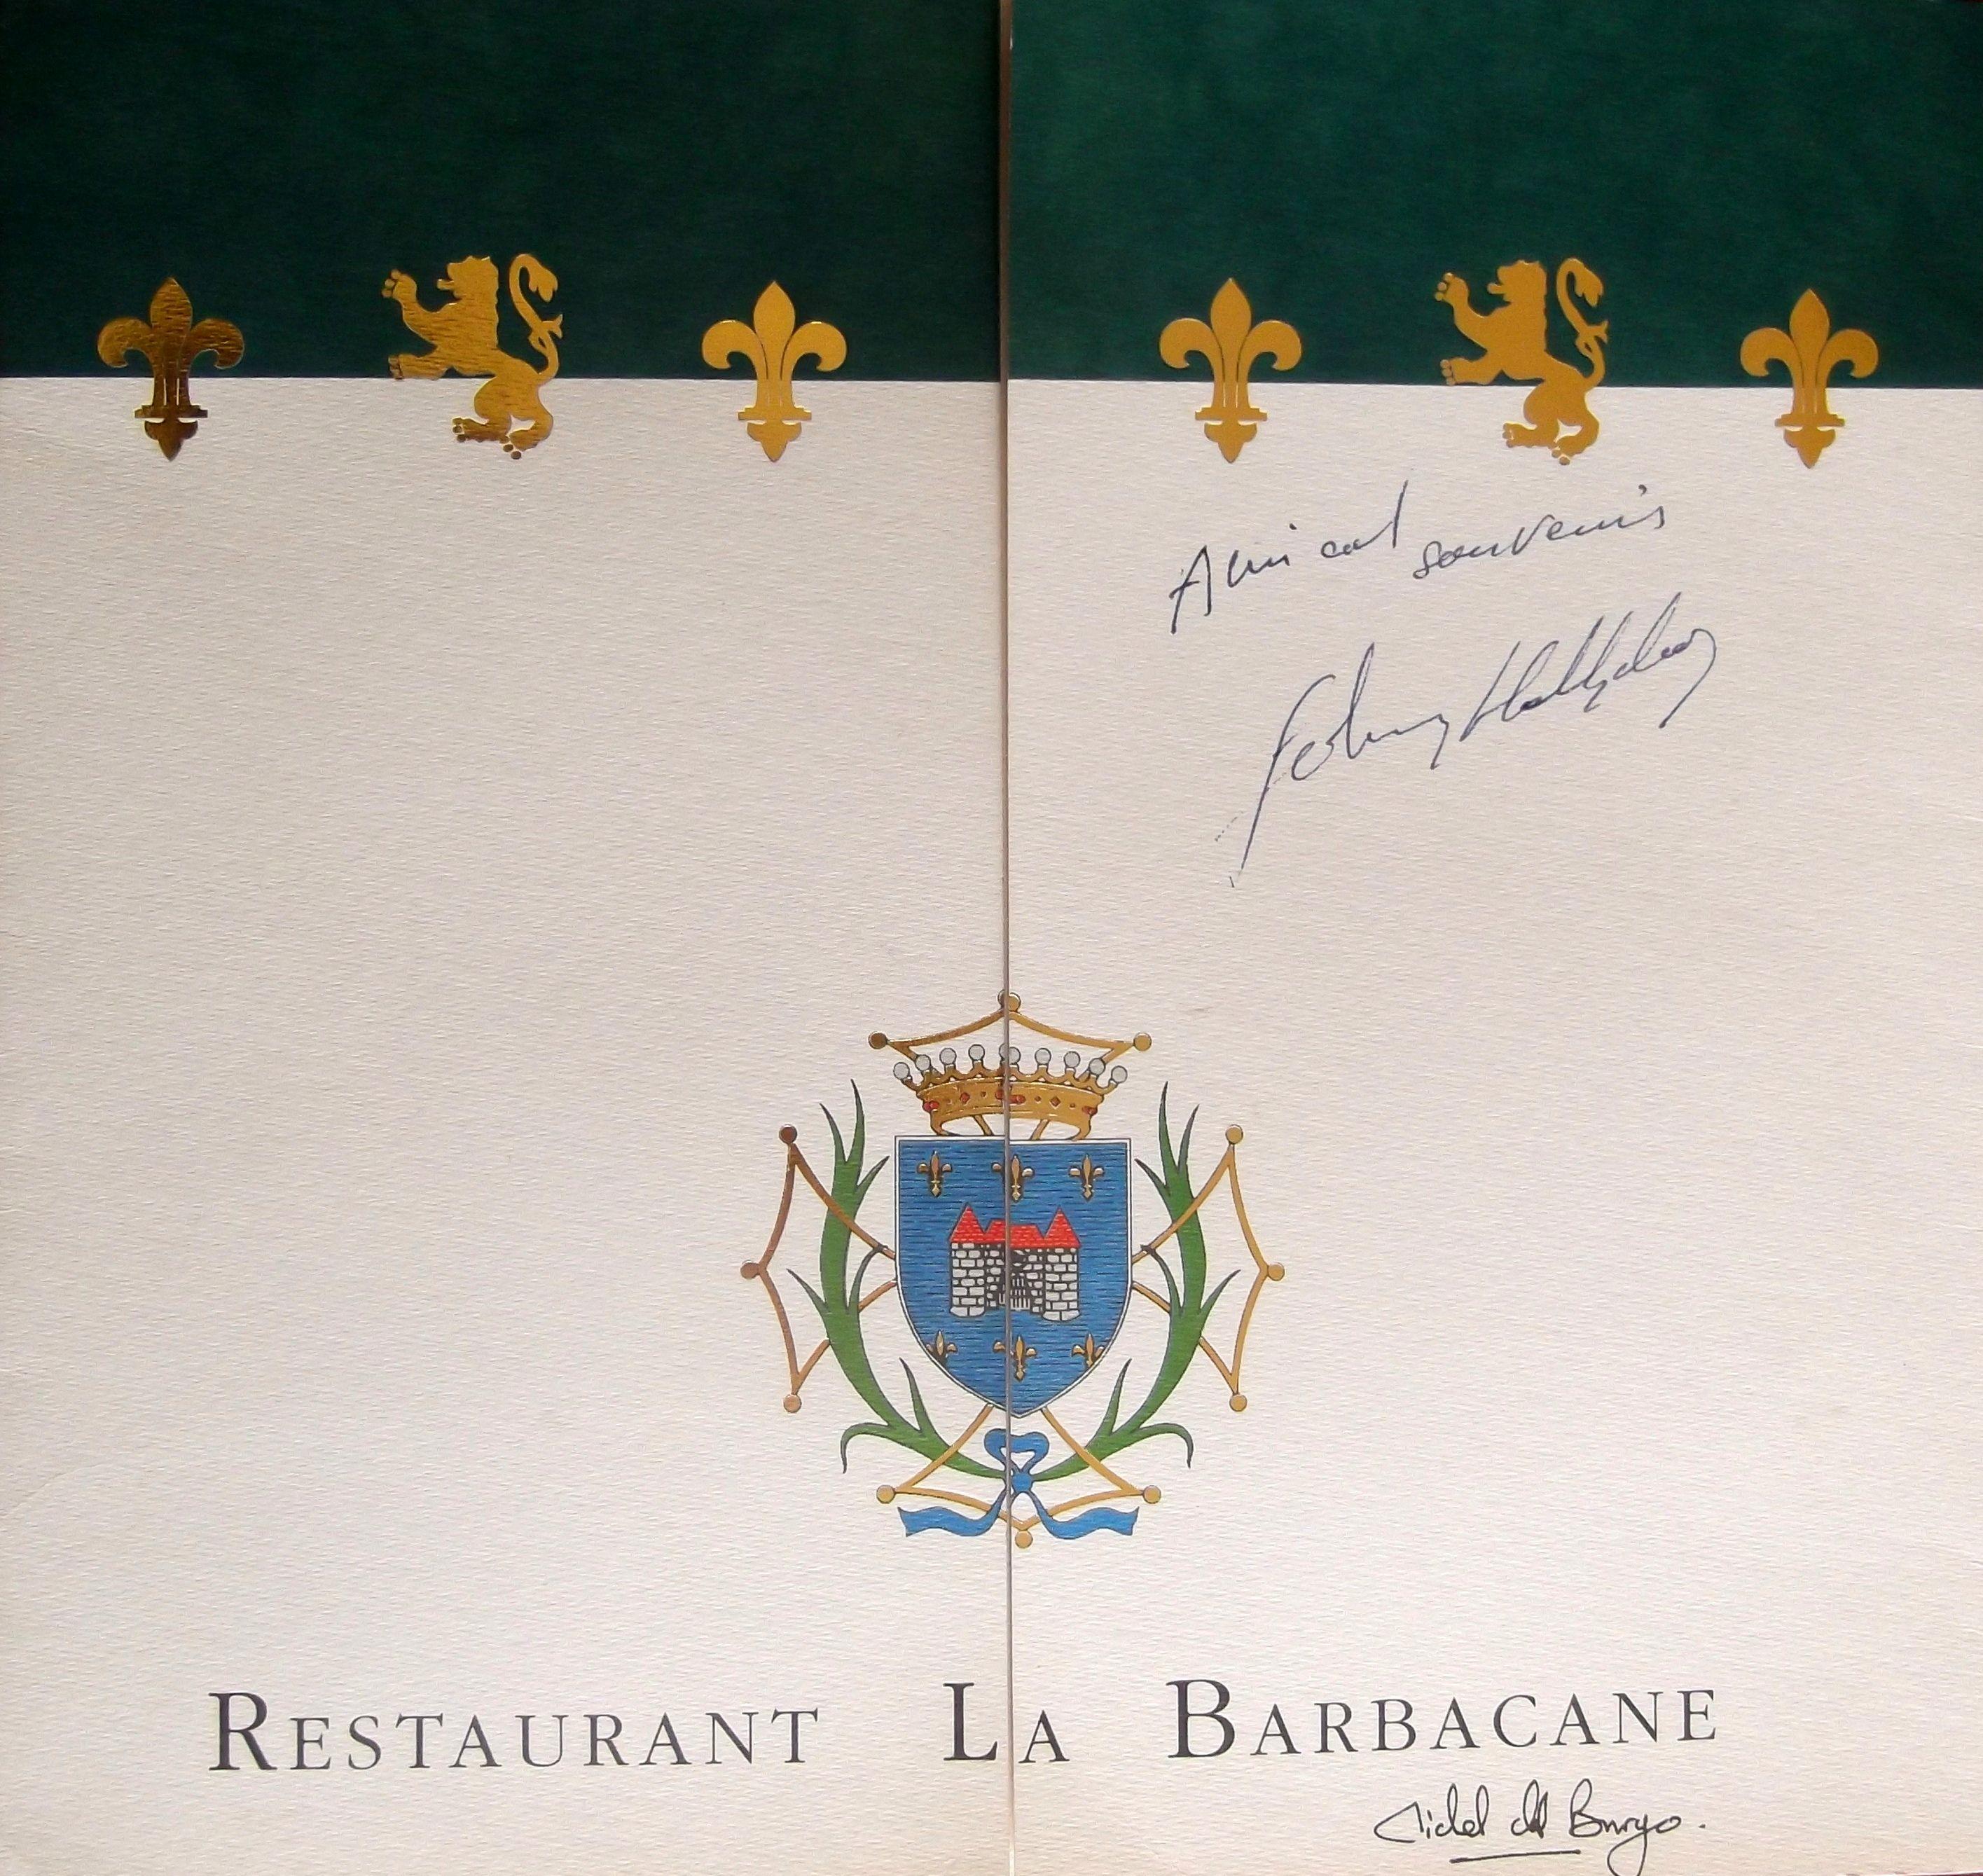 """Menu du restaurant """"La Barbacane"""" de l'Hôtel de la Cité. La carte élaborée par le chef cuisinier Michel del Burgo (1962-2017) à l'époque distinguée par 2 étoiles au guide Michelin, a été dédicacée par Johnny Hallyday (1943-2017) venu se produire au Festival de la Cité le 26 juillet 1996. Collection: Chroniques de Carcassonne"""